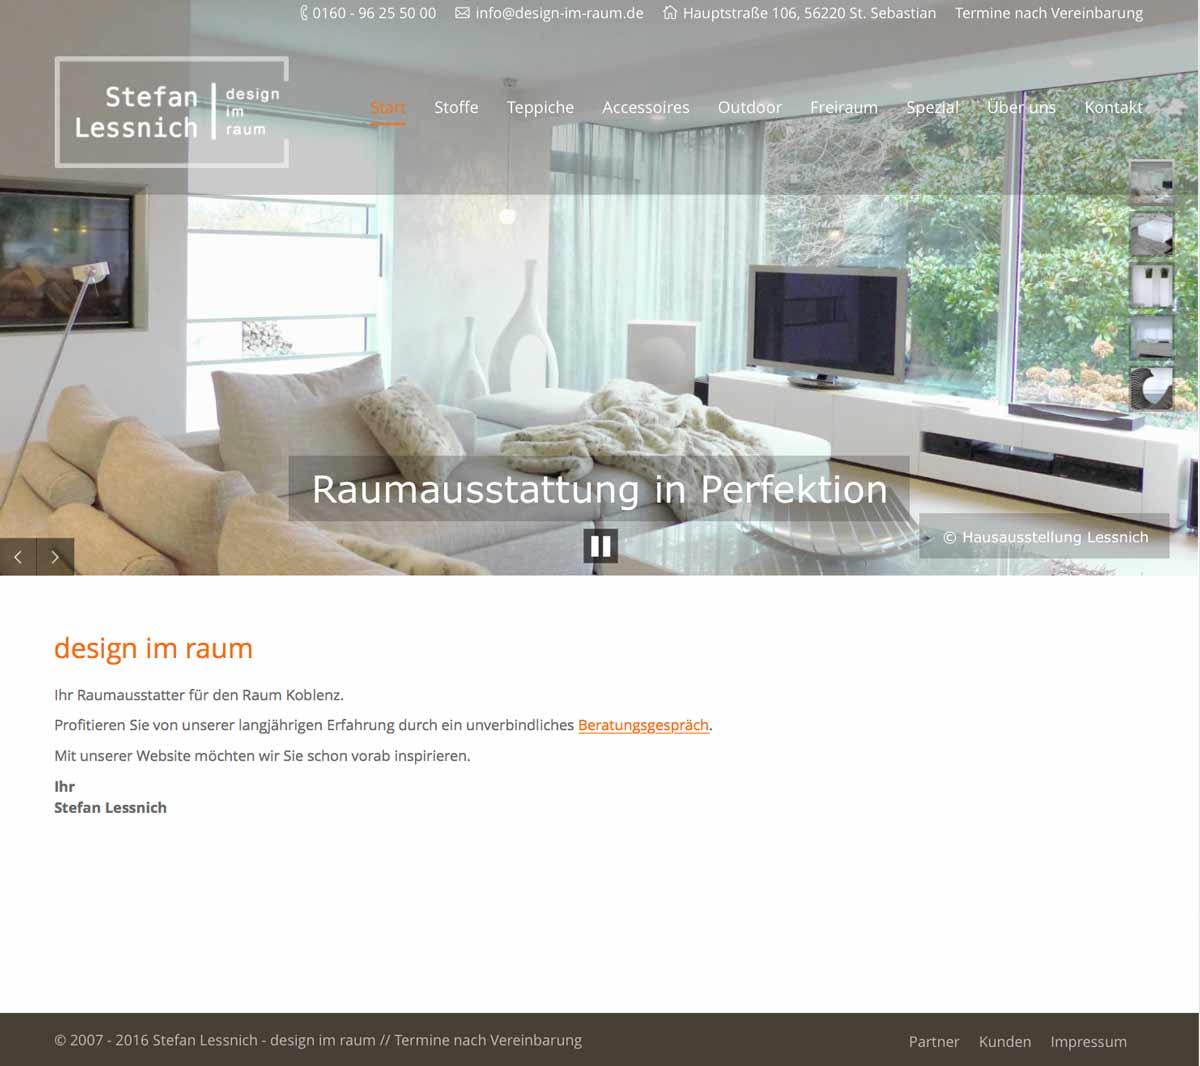 Design im Raum